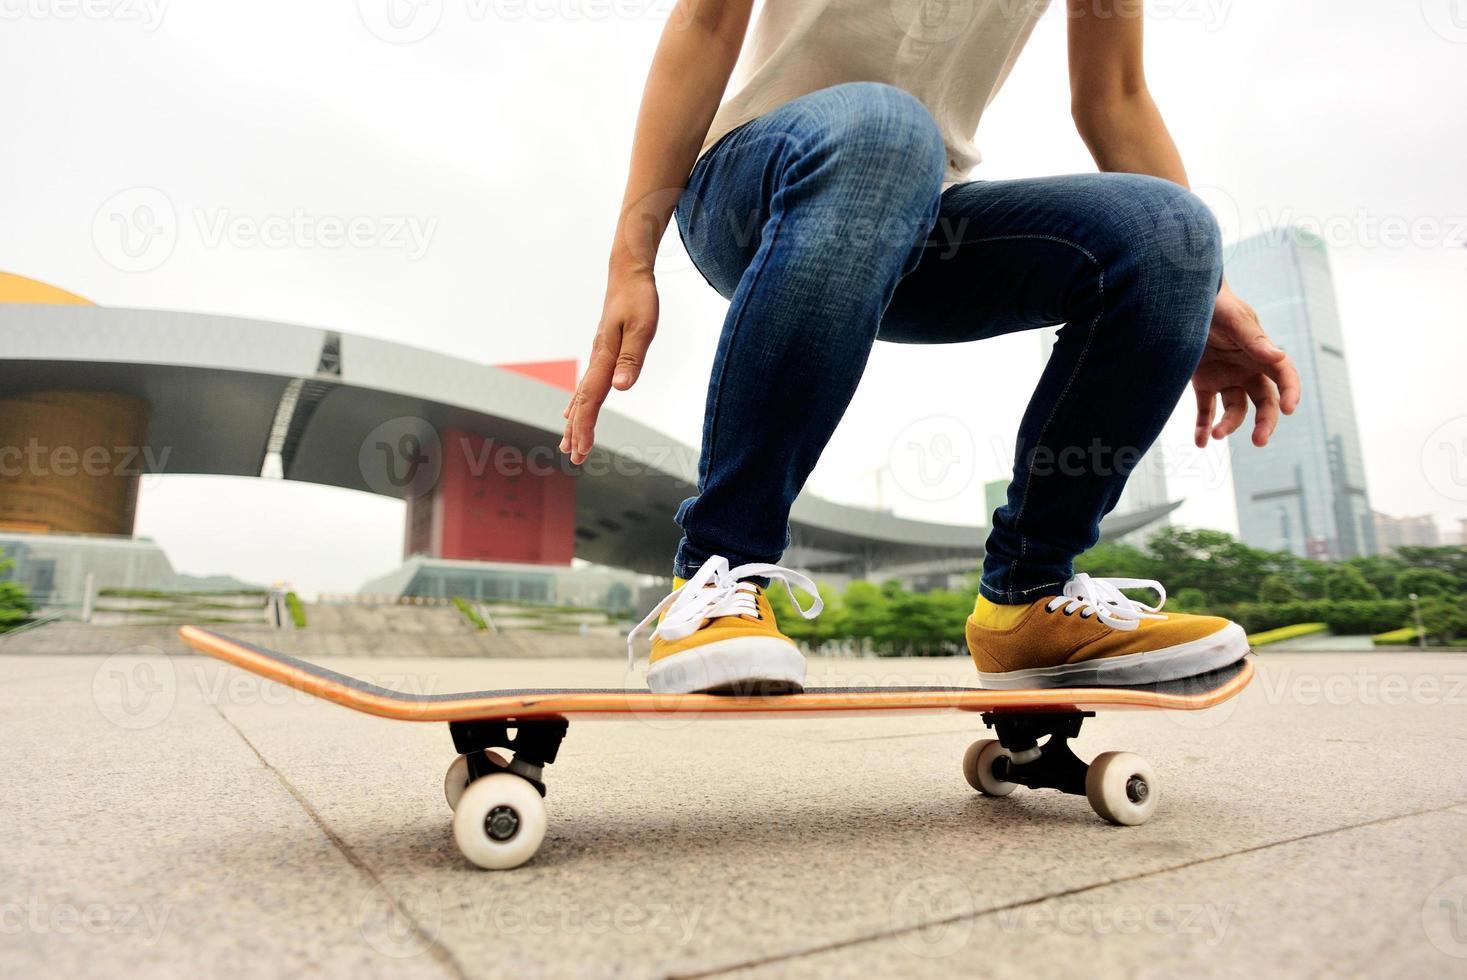 skateboardkvinna foto